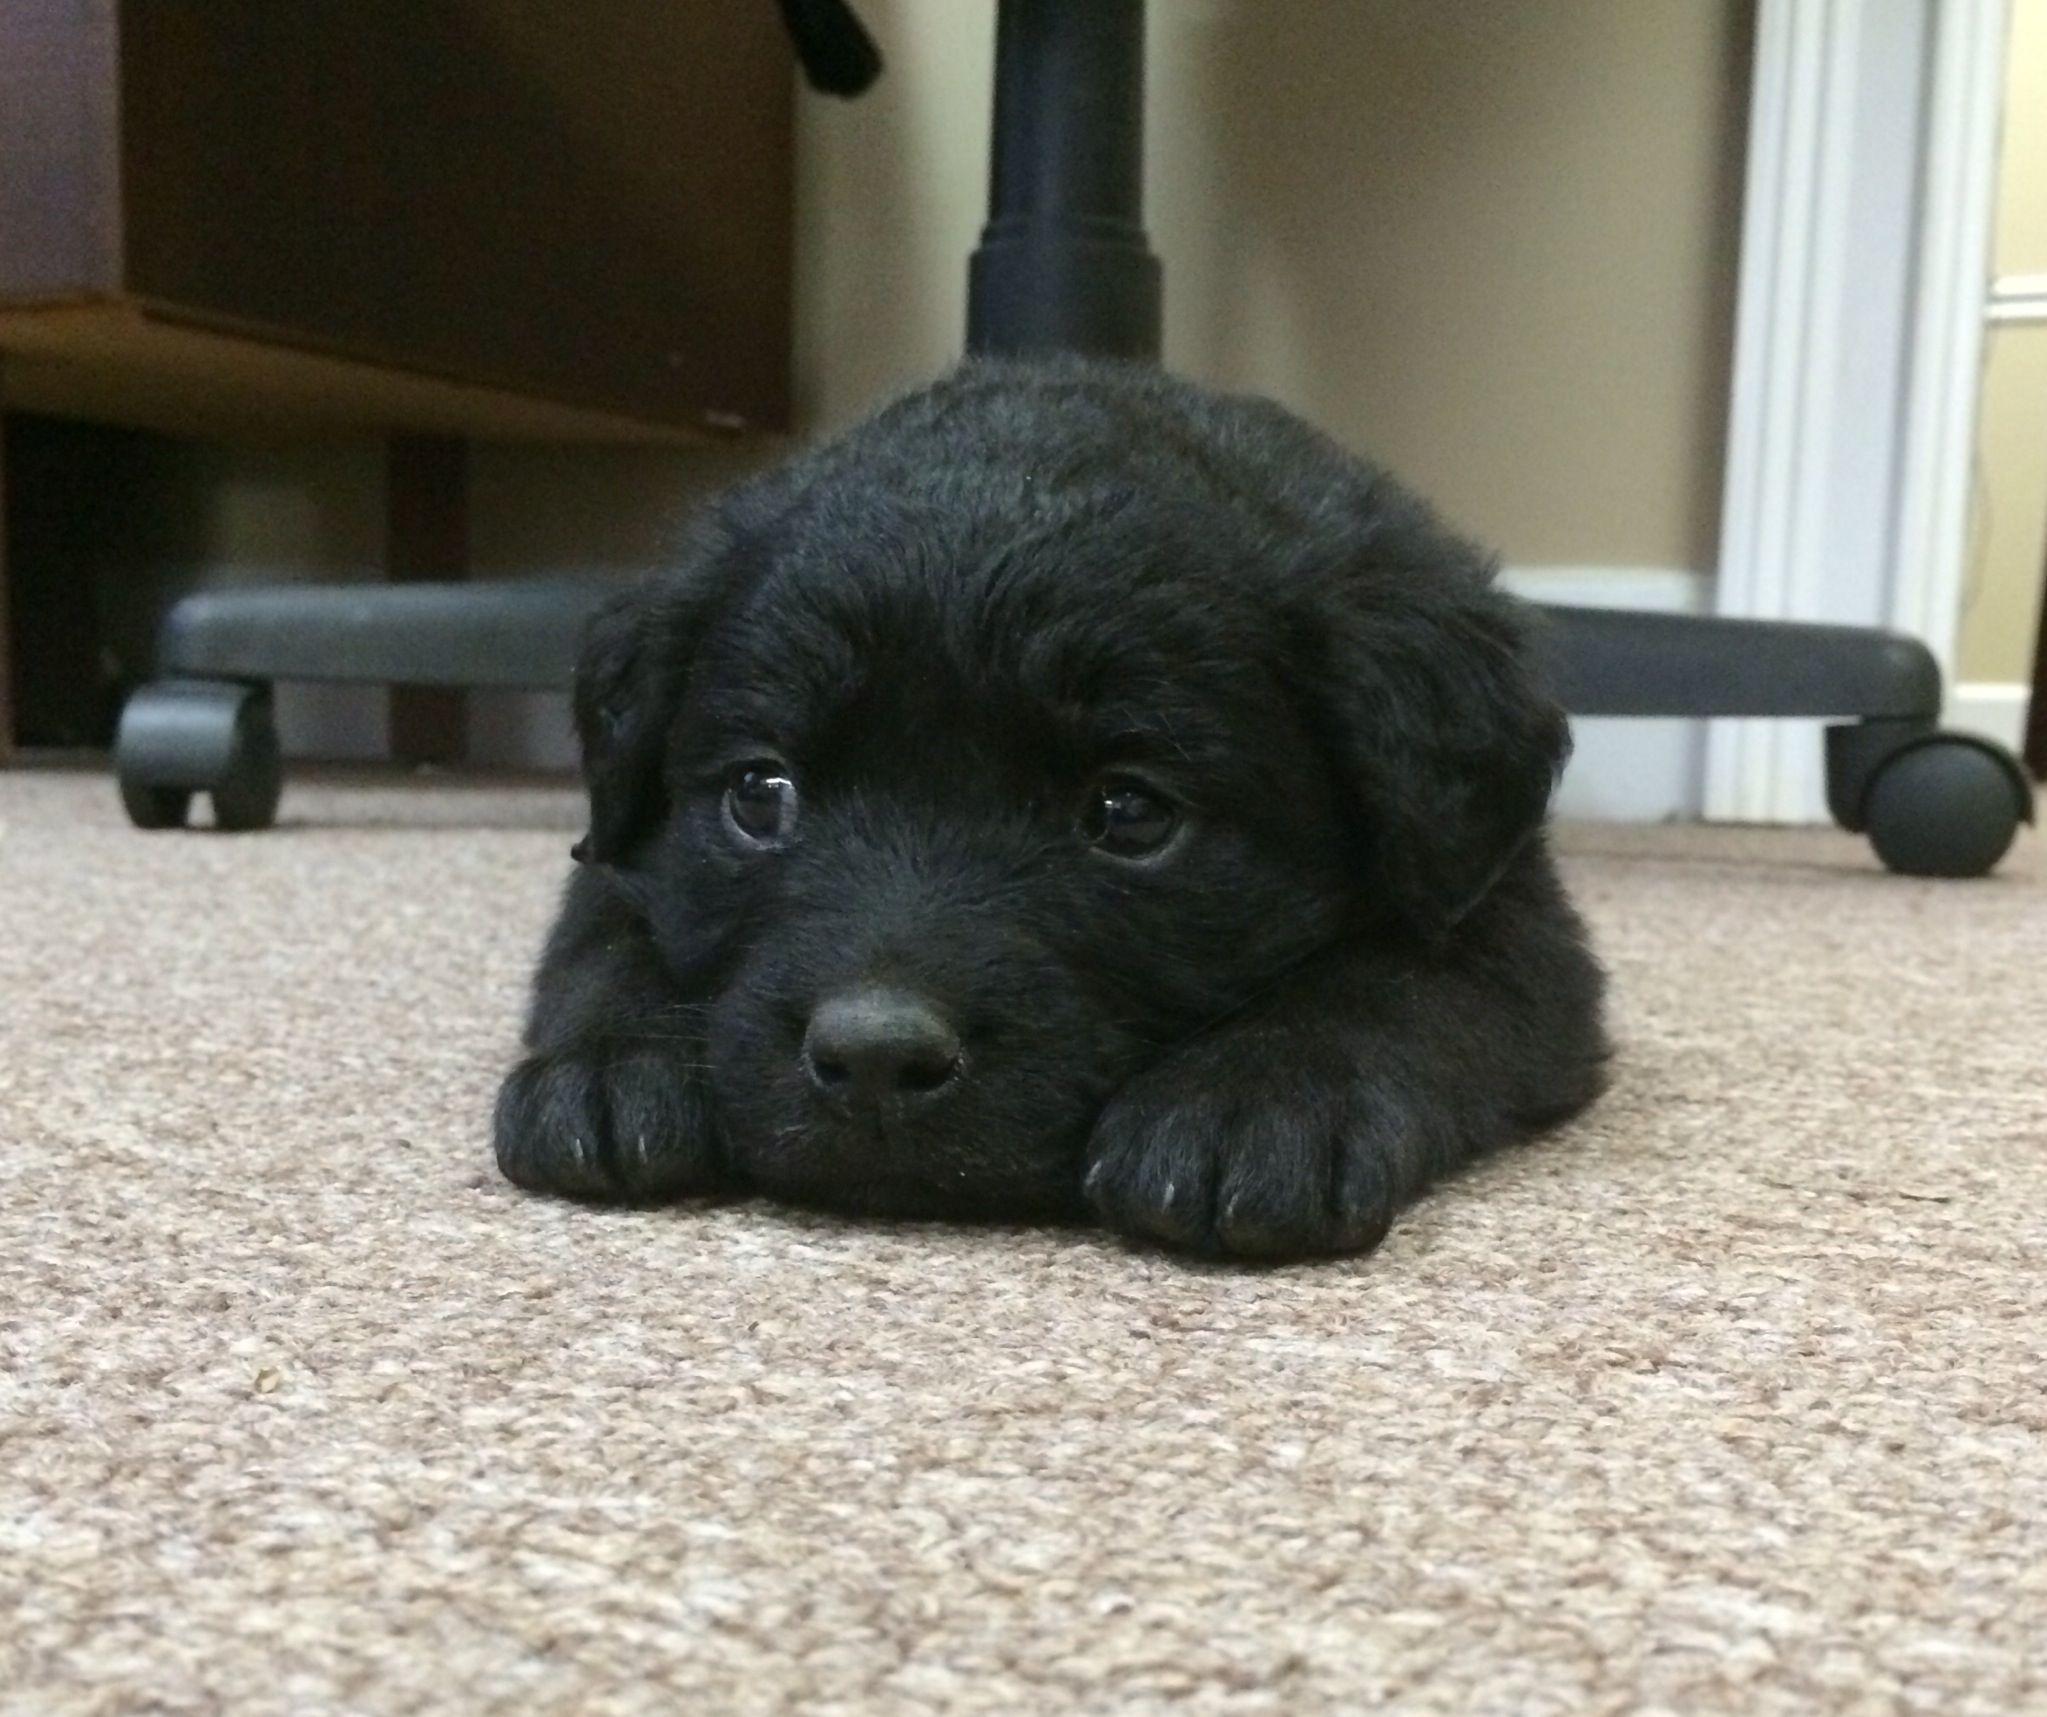 Black Lab Golden Retriever Puppy Puppy Time Black Golden